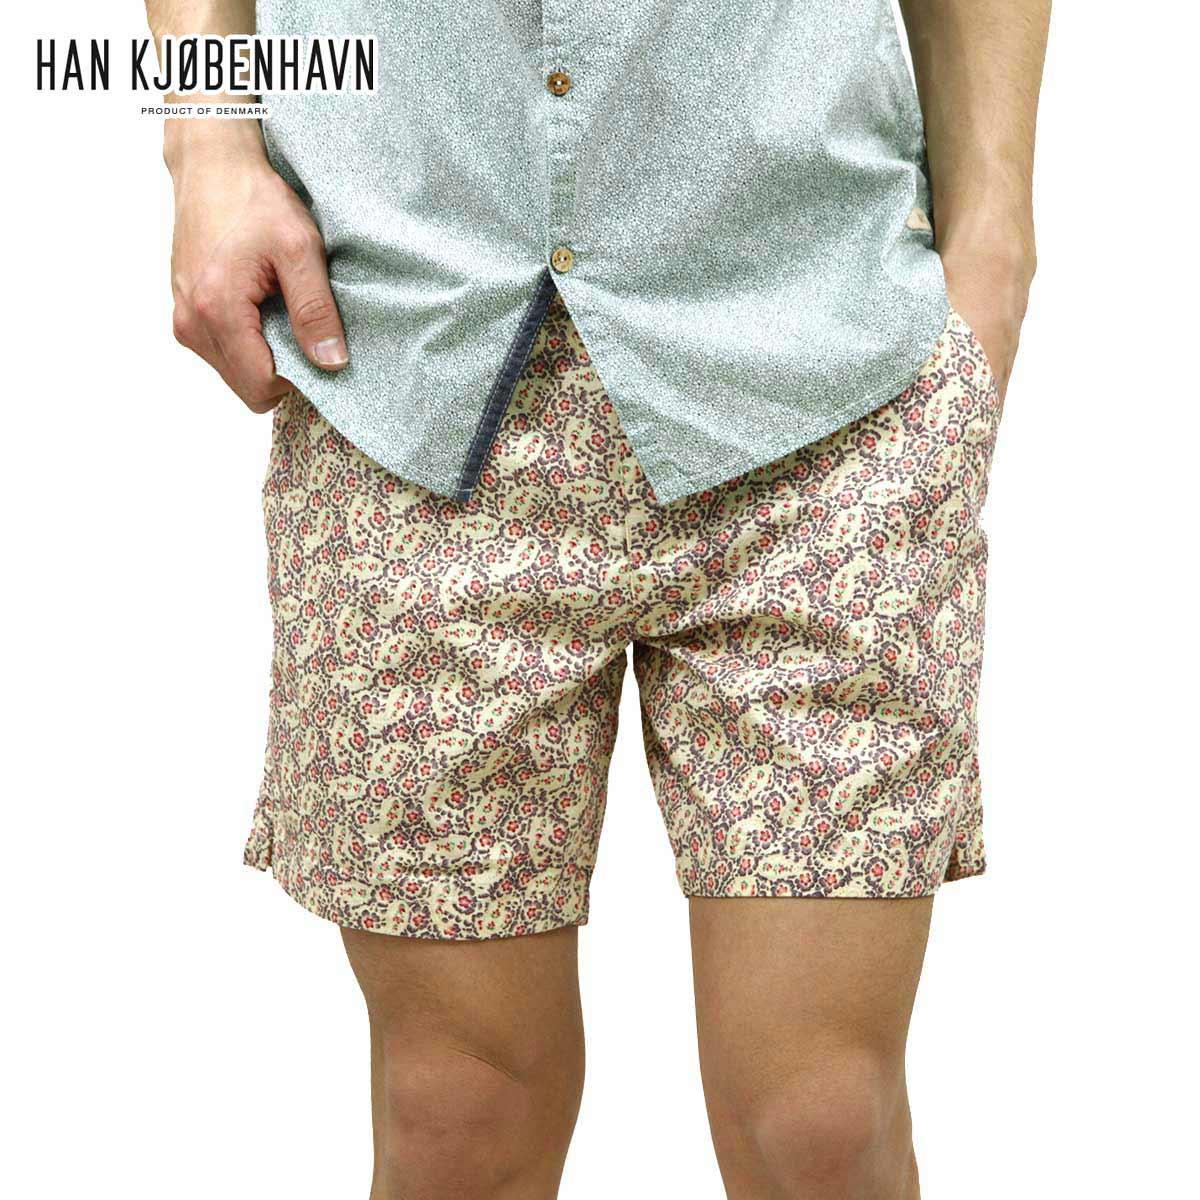 ハン HAN KJOBENHAVN 正規販売店 メンズ ショートパンツ TABLE SHORTS D15S25